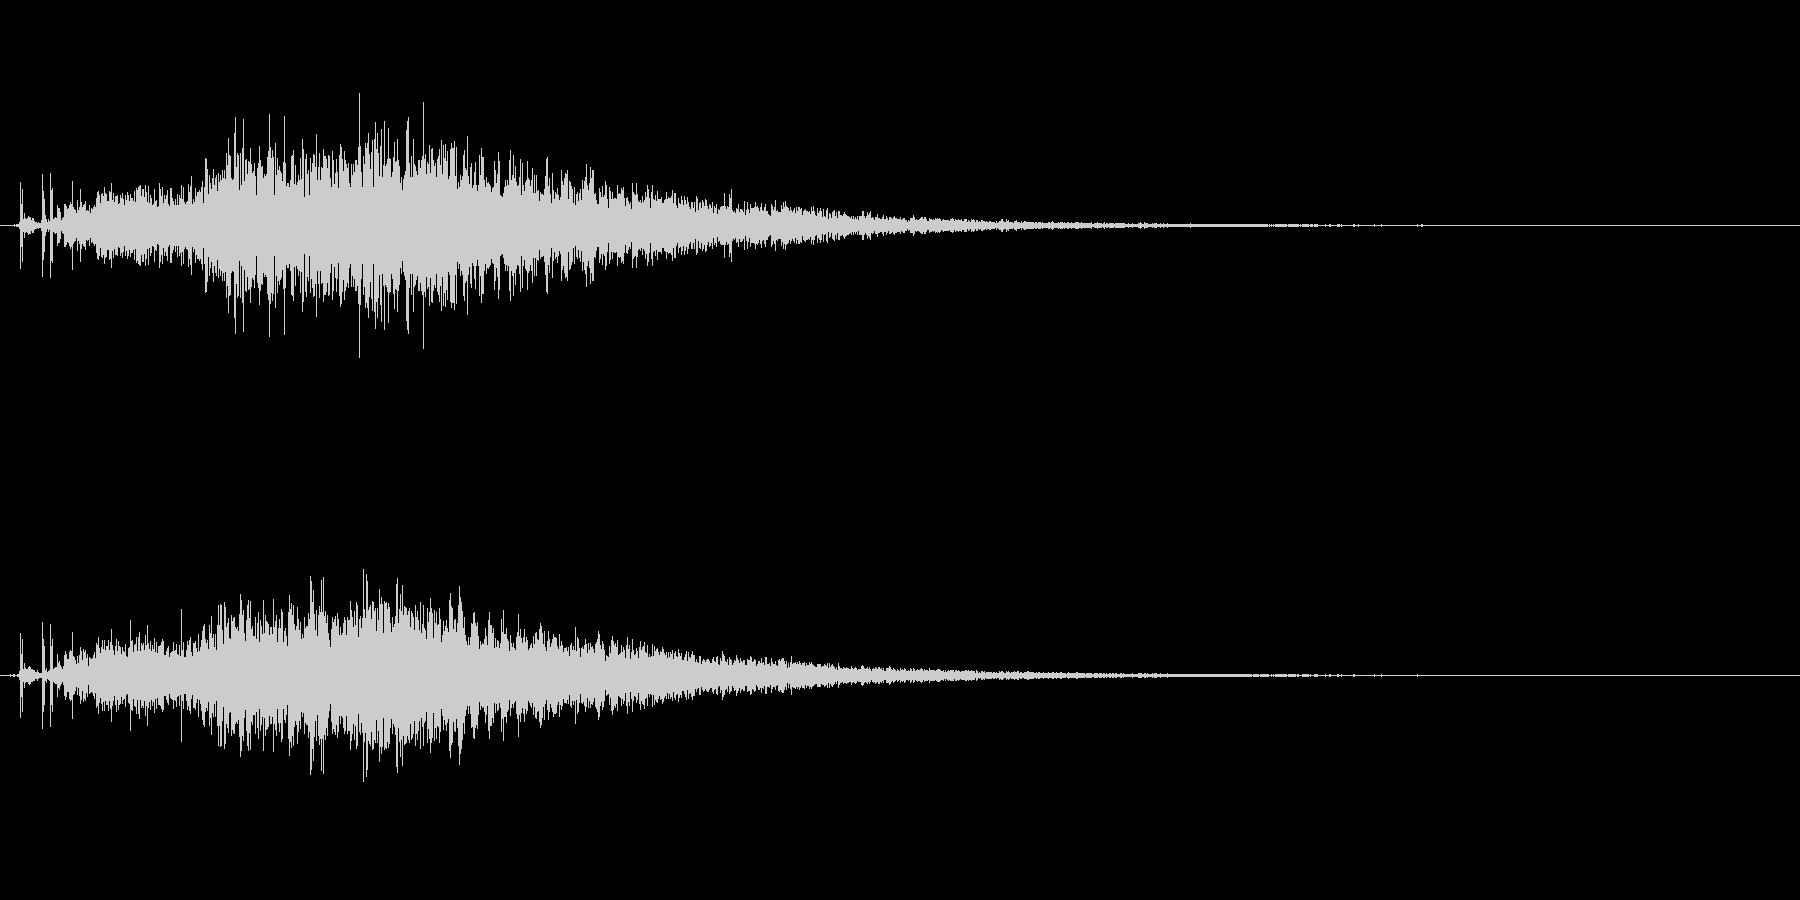 宇宙っぽい電子音1の未再生の波形